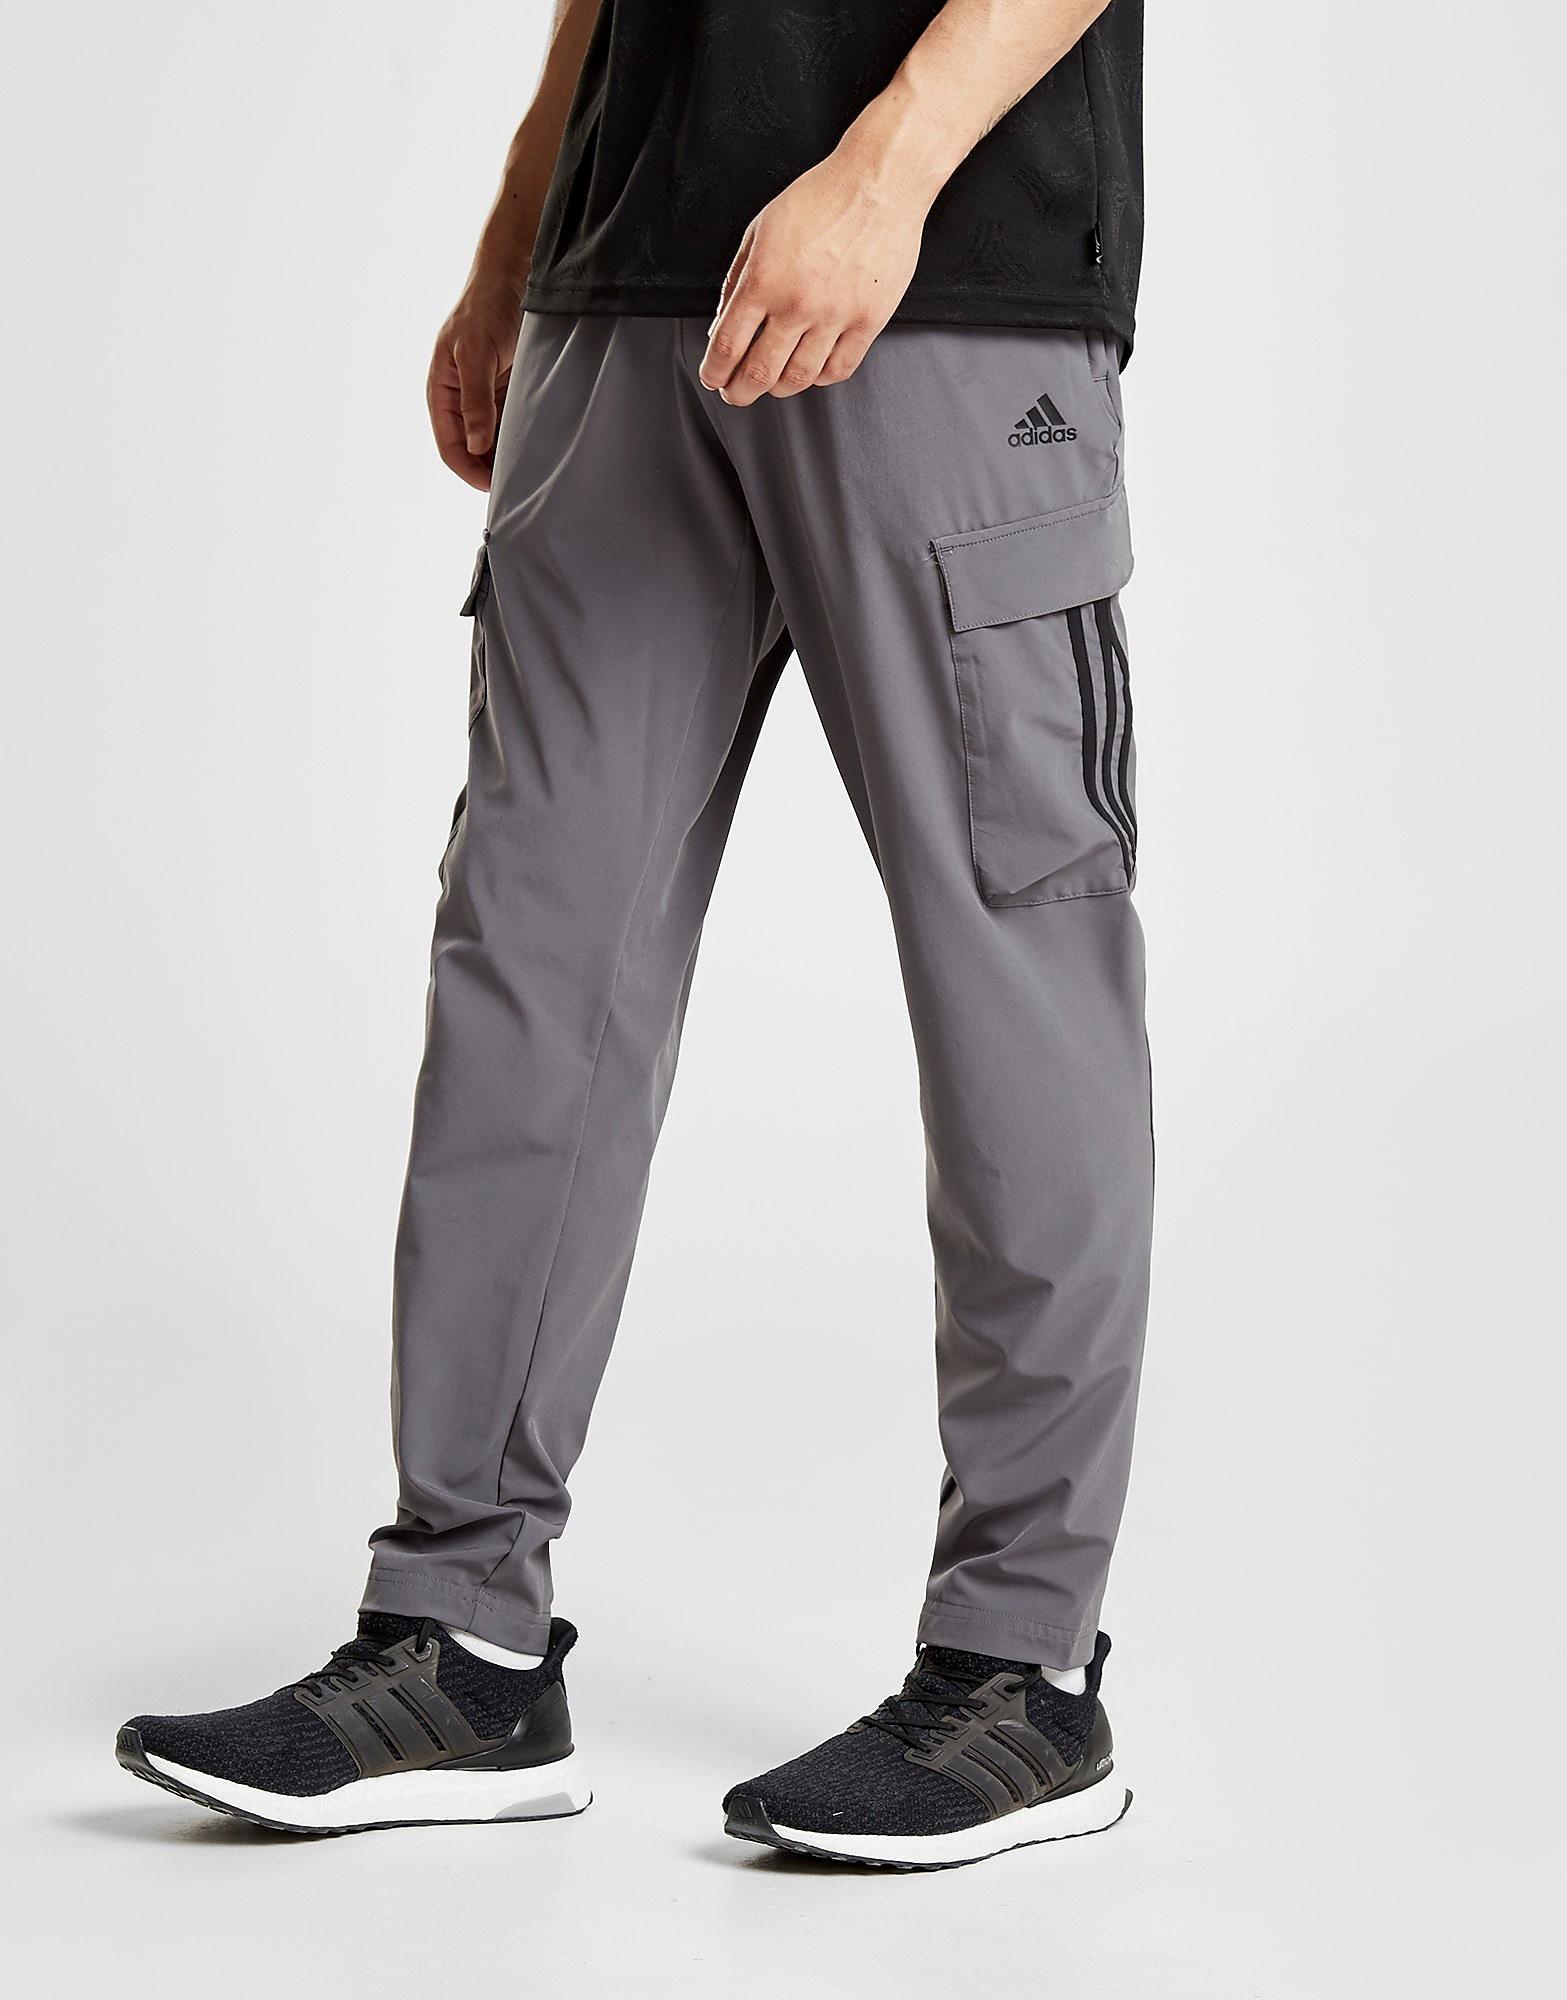 adidas 3-Stripes Cargo Pants - alleen bij JD - Grijs - Heren